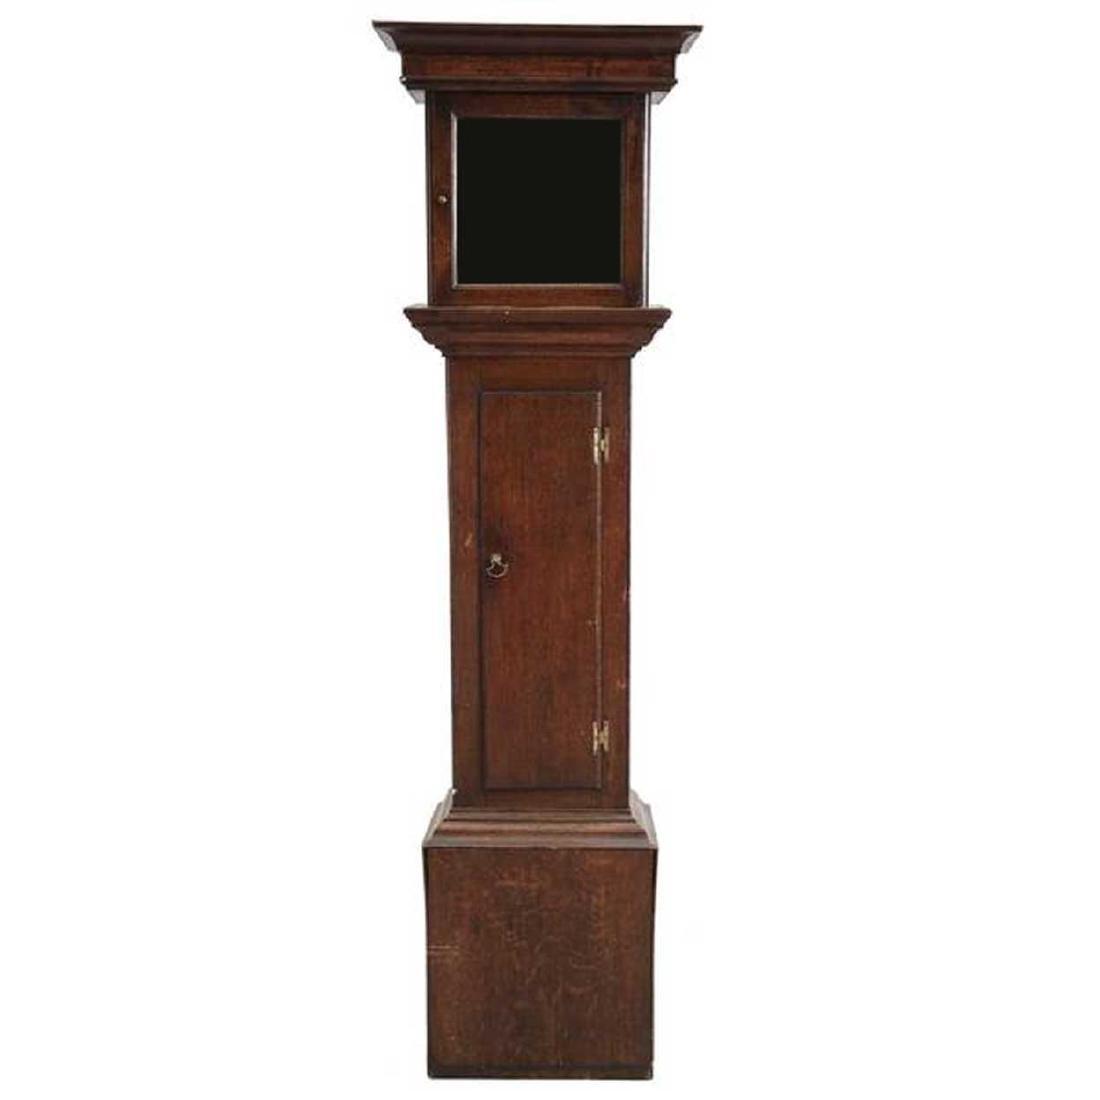 English George III Oak Grandfather Clock Case